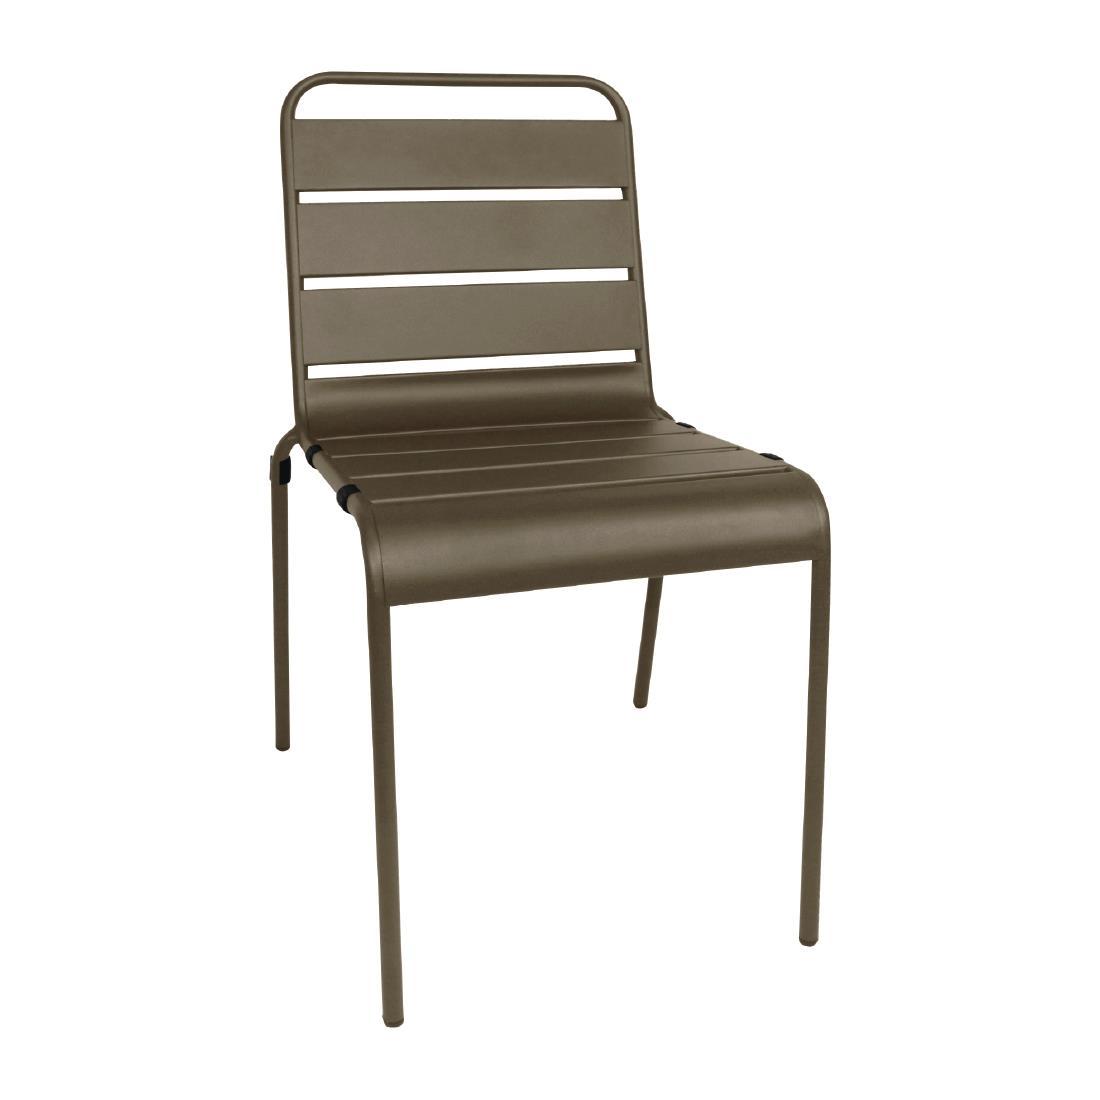 Slatted Steel Chair - Coffee